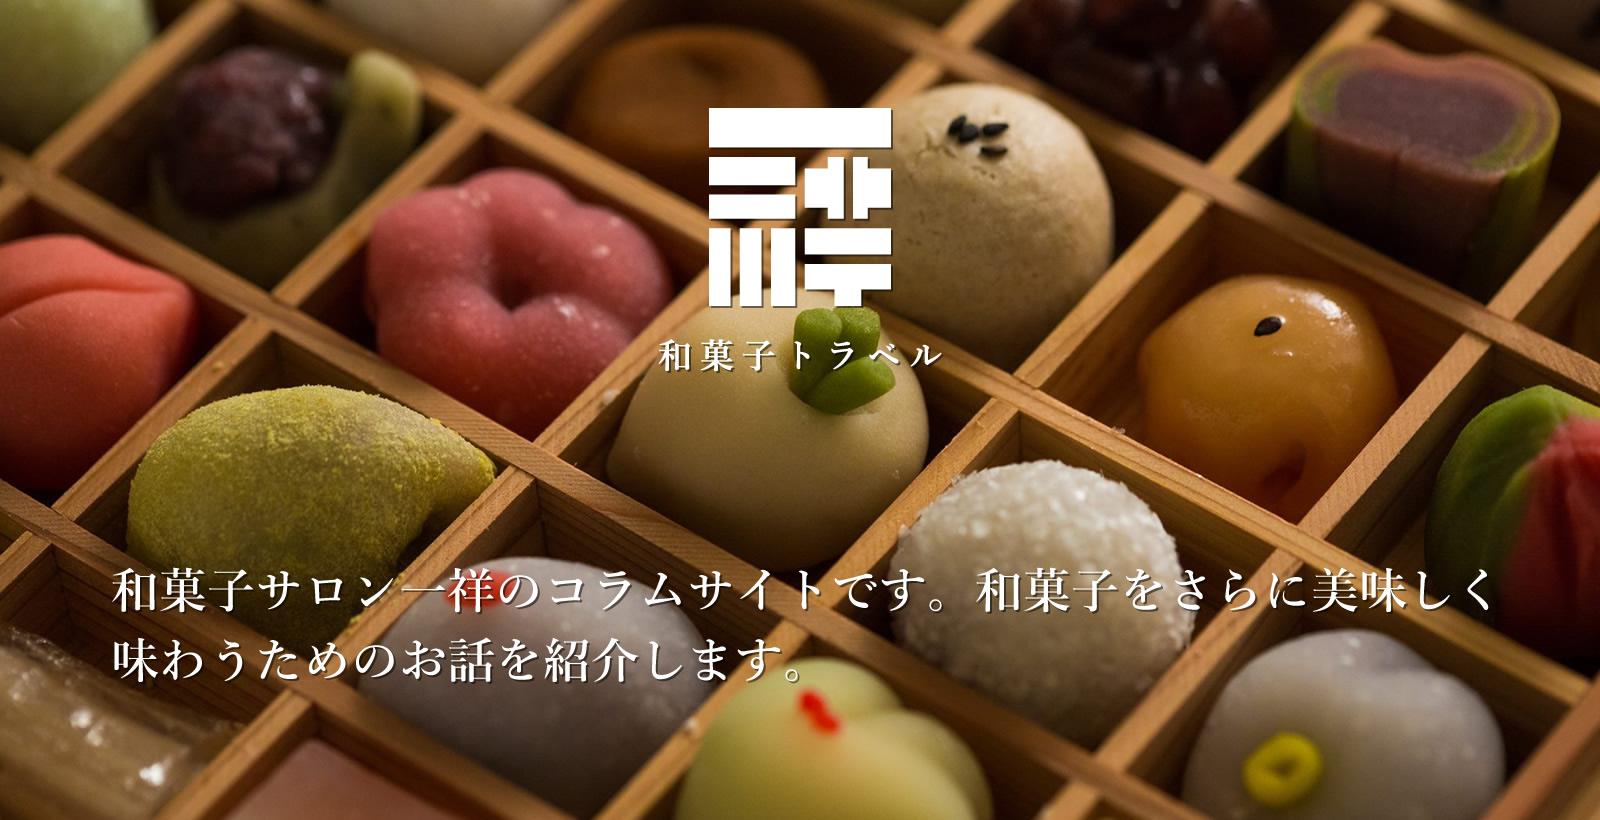 「和菓子トラベル」は、和菓子サロン一祥のコラムコーナーです。畑からのお知らせ、山からの便り、和菓子屋さんの声など、和菓子をさらに美味しく食べるためのお話を紹介します。